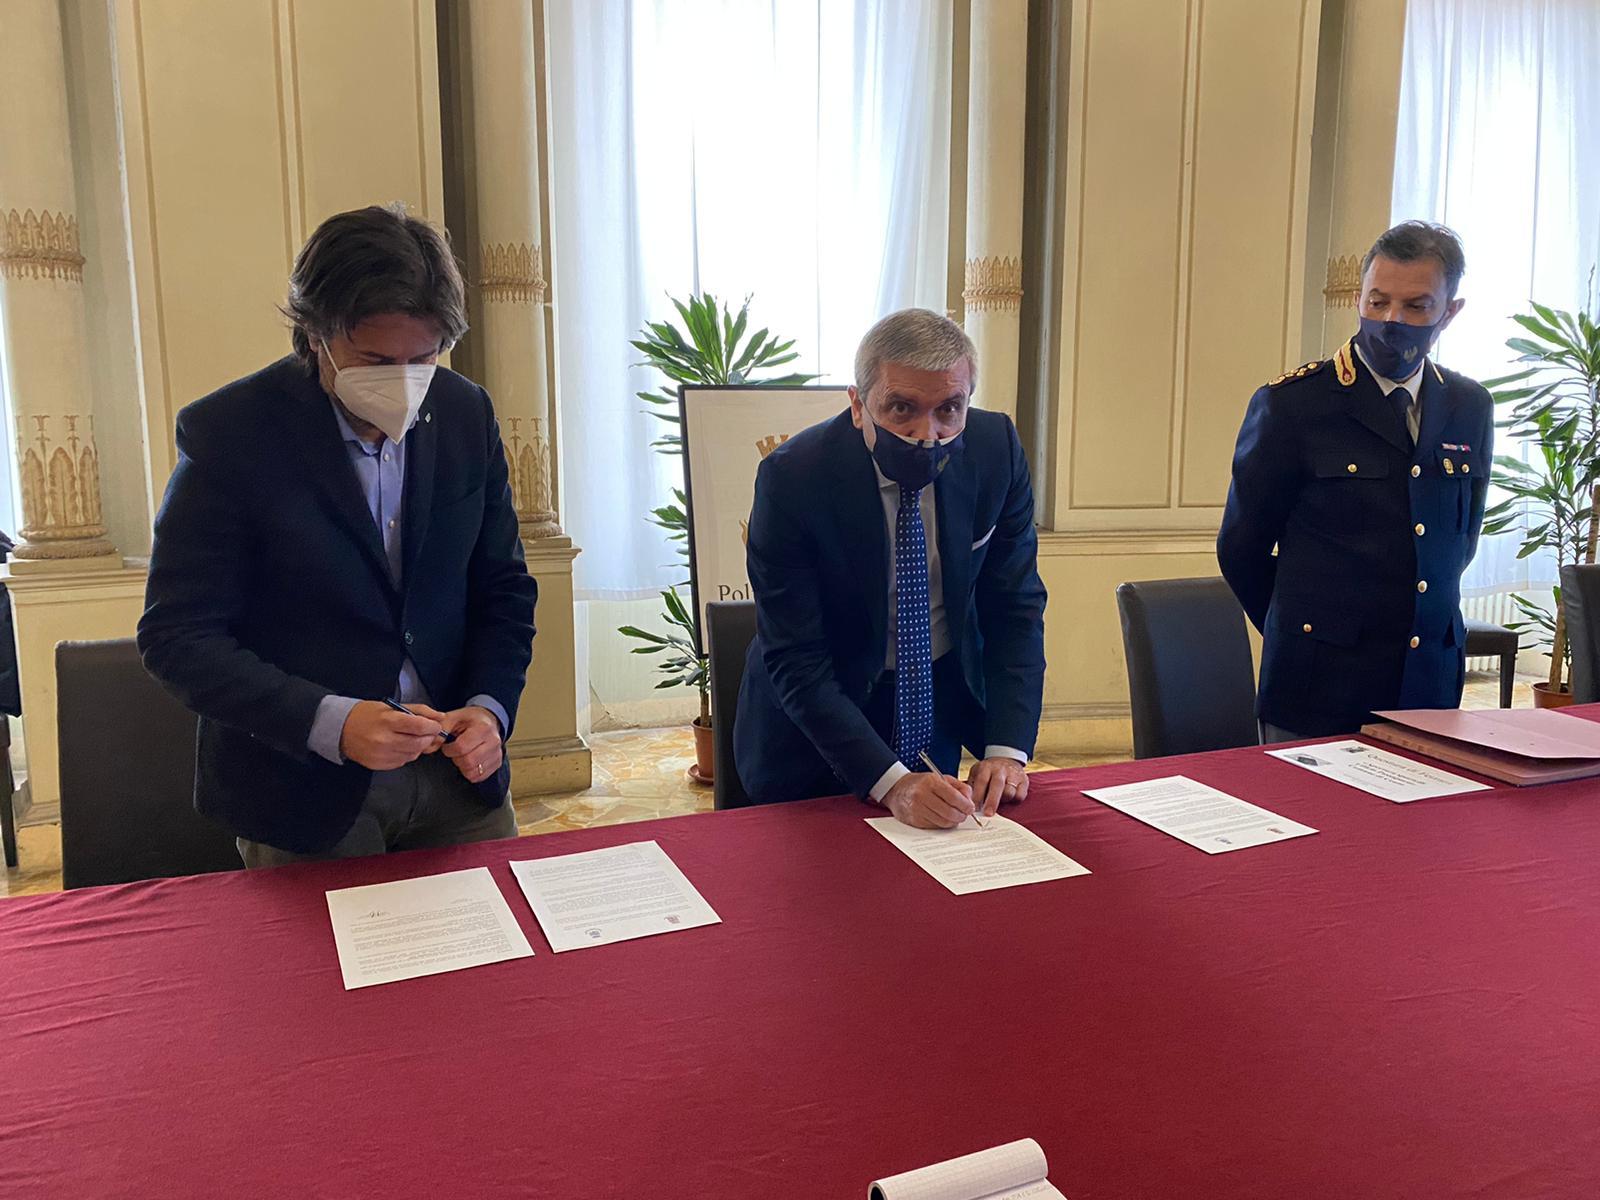 firma sindaco e questore a Ferrara del protocollo passaporti